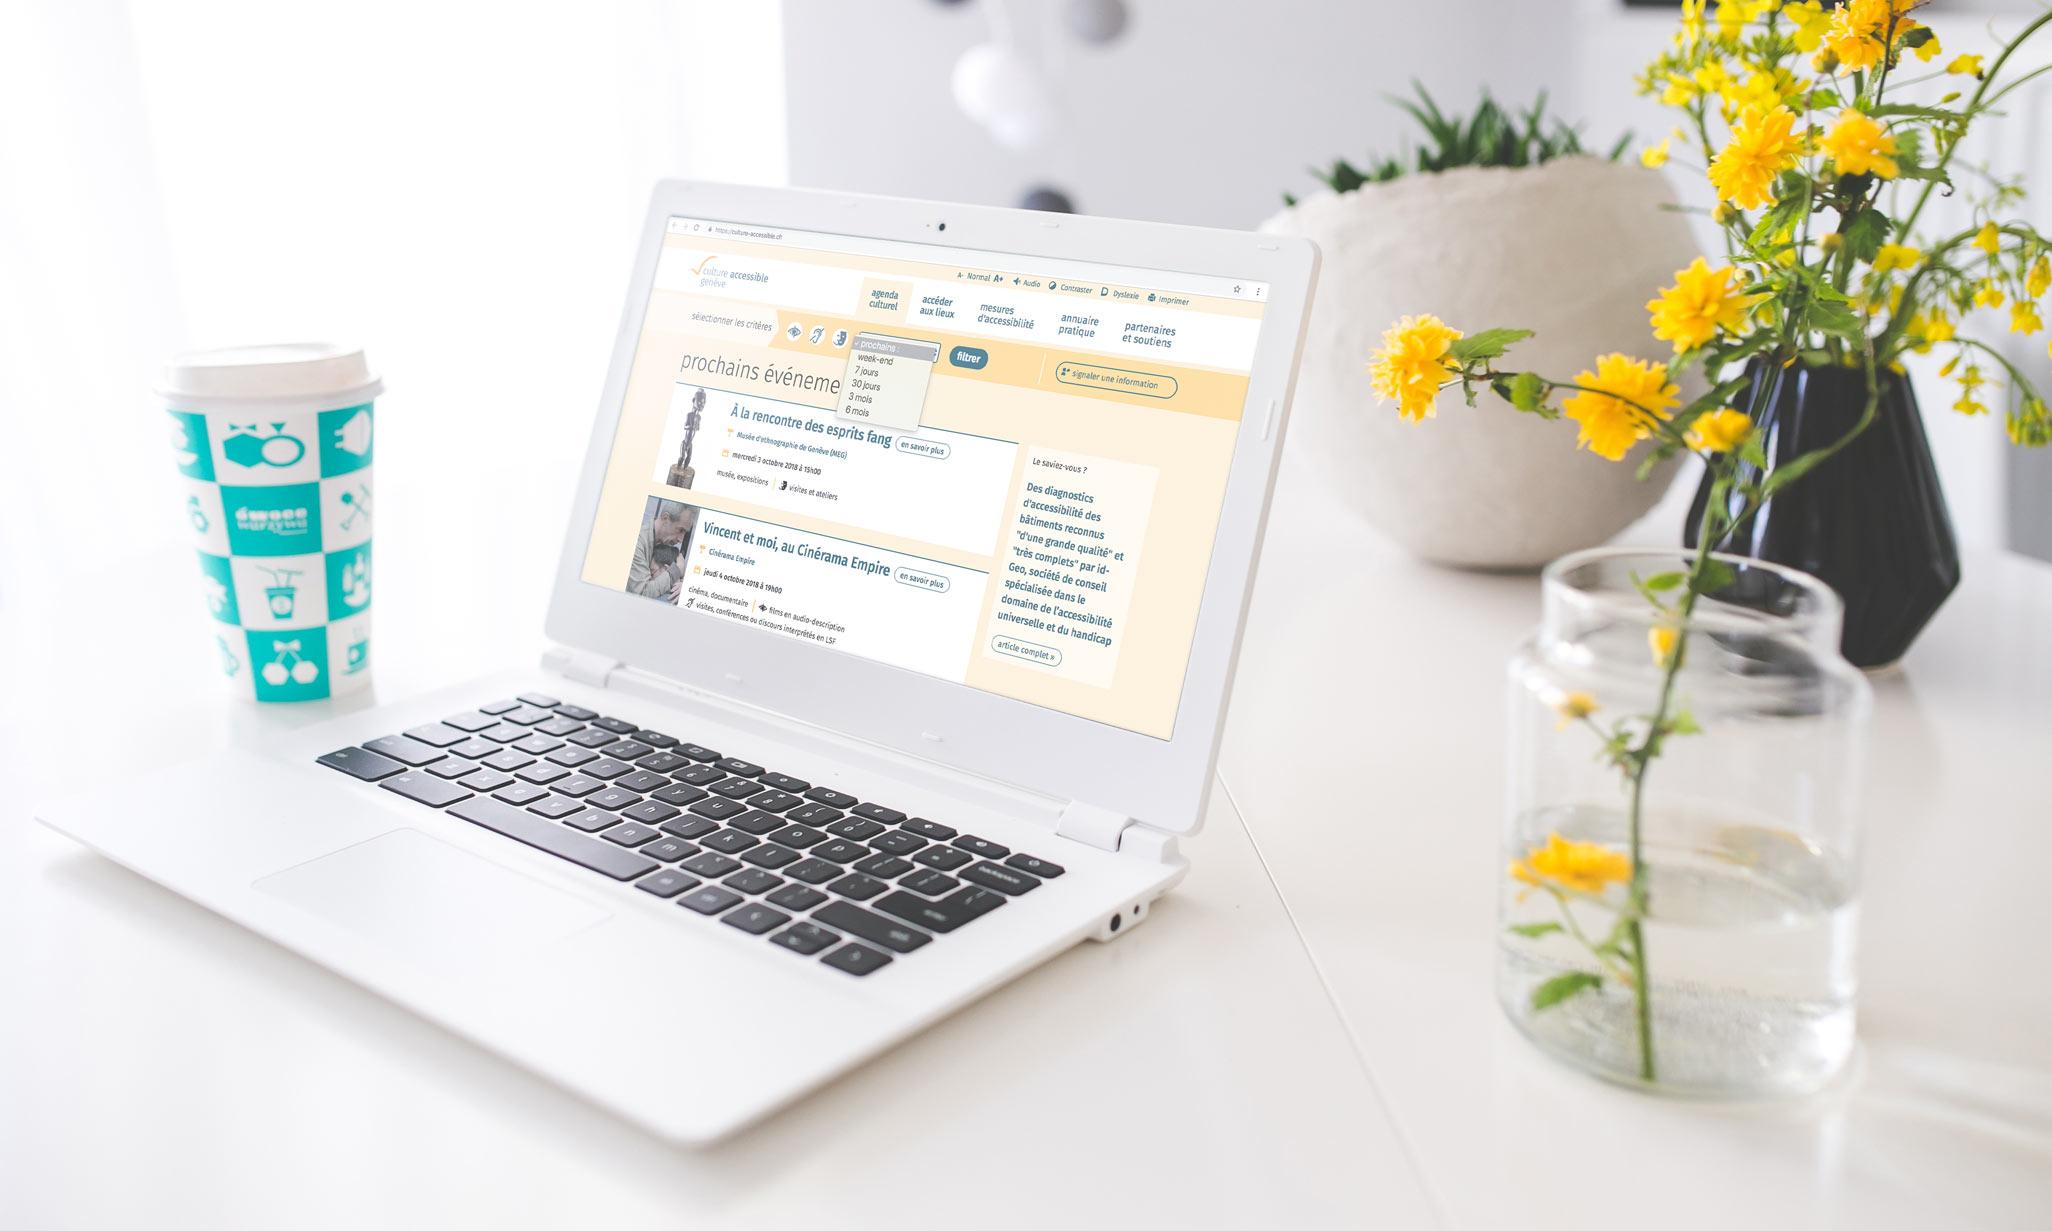 Ordinateur portable avec un pot de fleurs jaunes, présentant la page d'accueil du site culture-accessible.ch